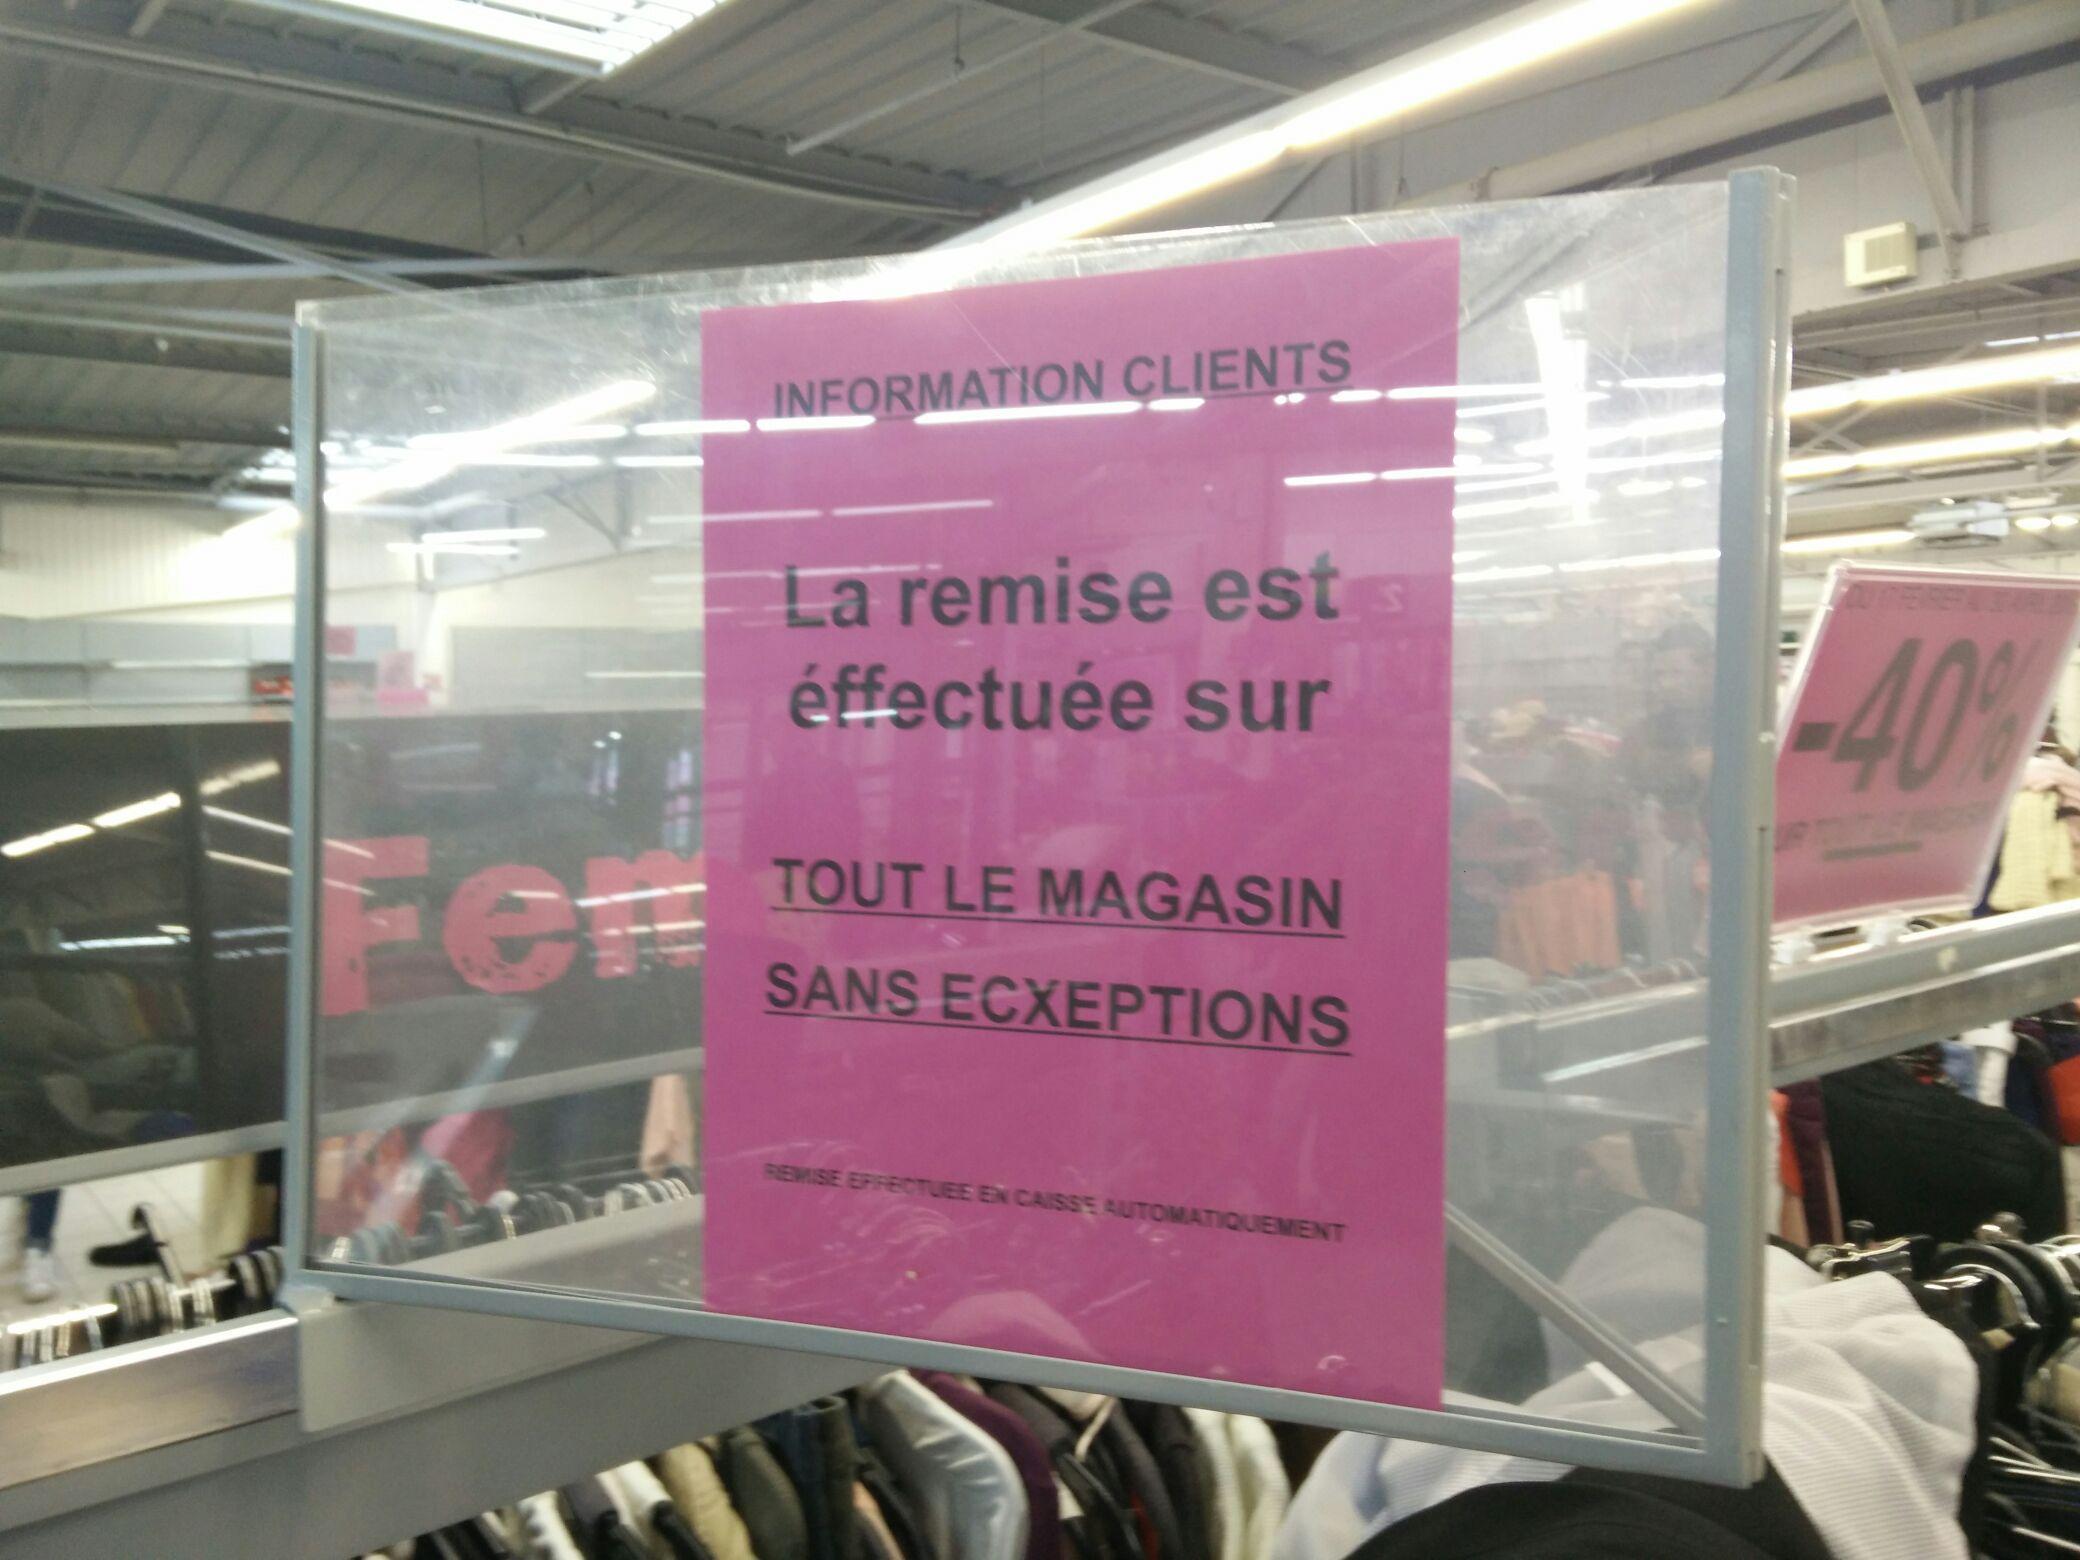 40% de réduction sur tout le magasin